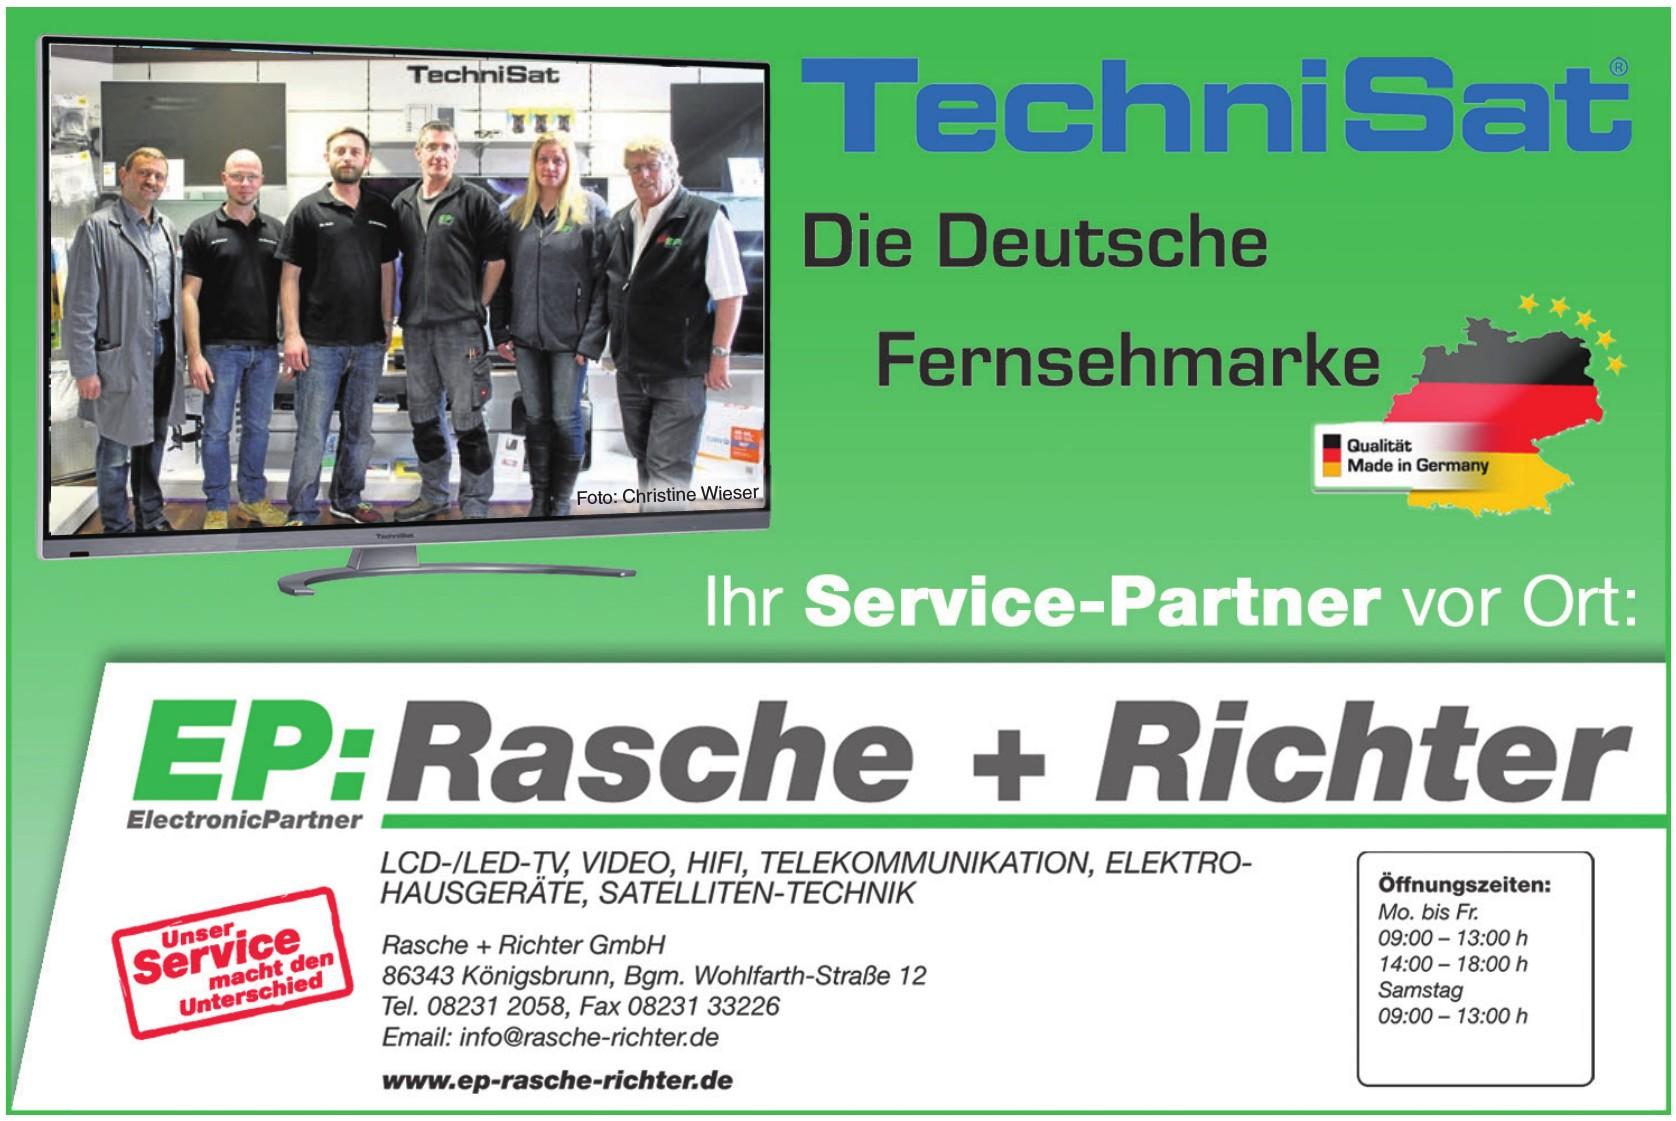 Rasche + Richter GmbH